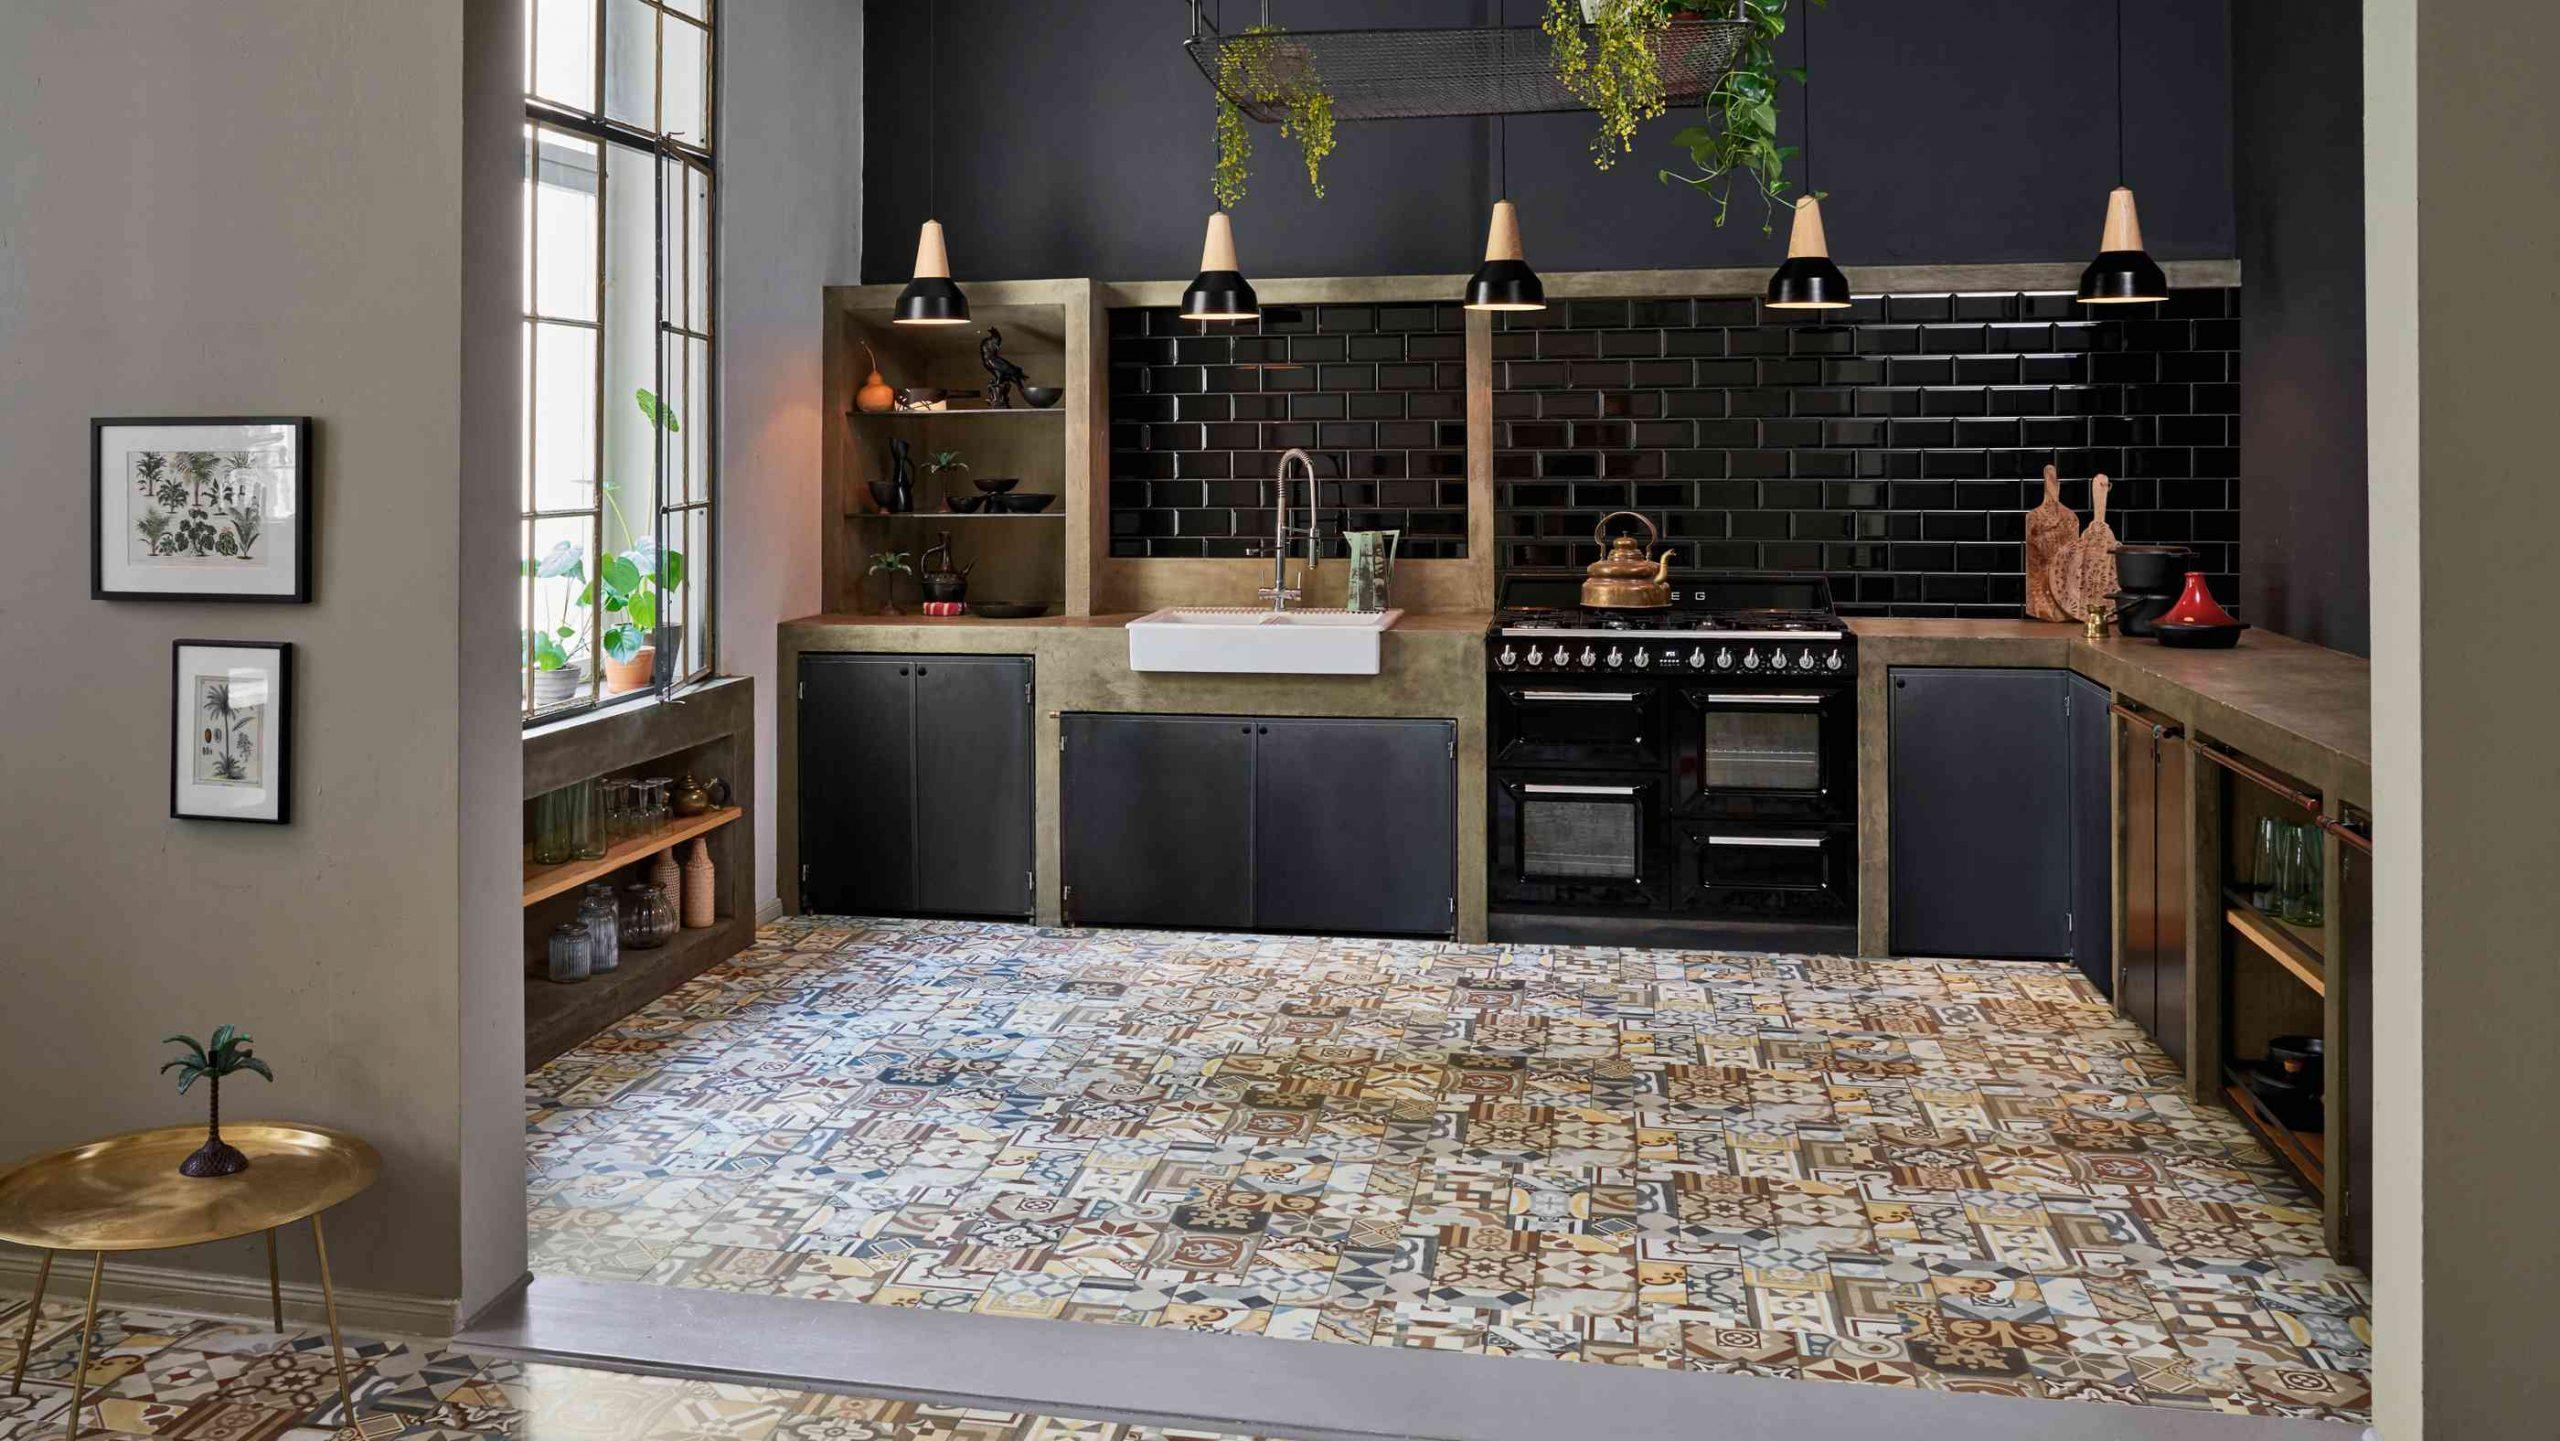 Full Size of Vinylboden Küche Retro Vinylboden Küche Auf Fliesen Verlegen Vinylboden Küche Verlegen Vinylboden Küche Fliesen Küche Vinylboden Küche